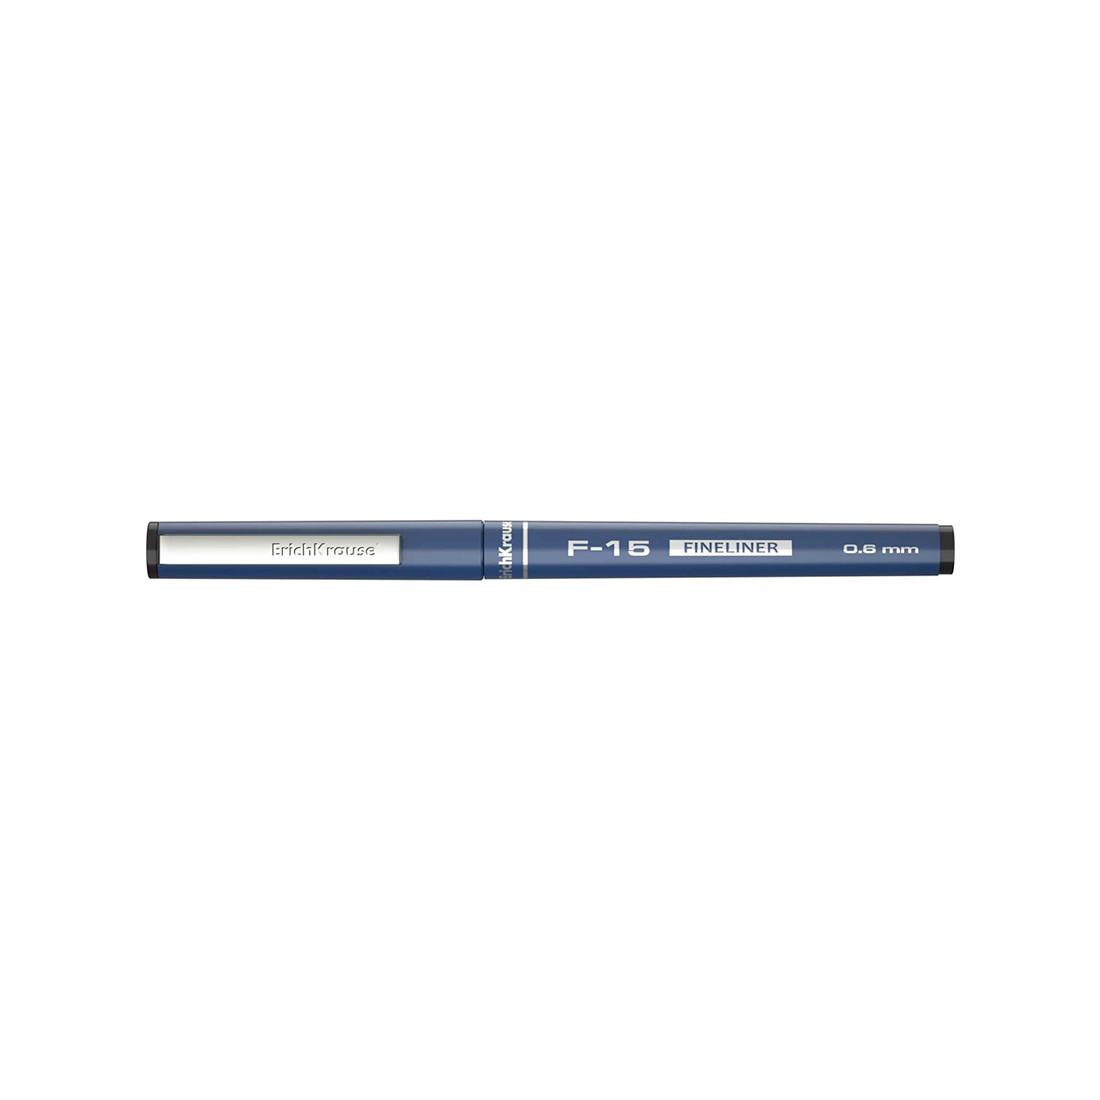 Ручка капиллярная ErichKrause® F-15 37066 цвет чернил черный